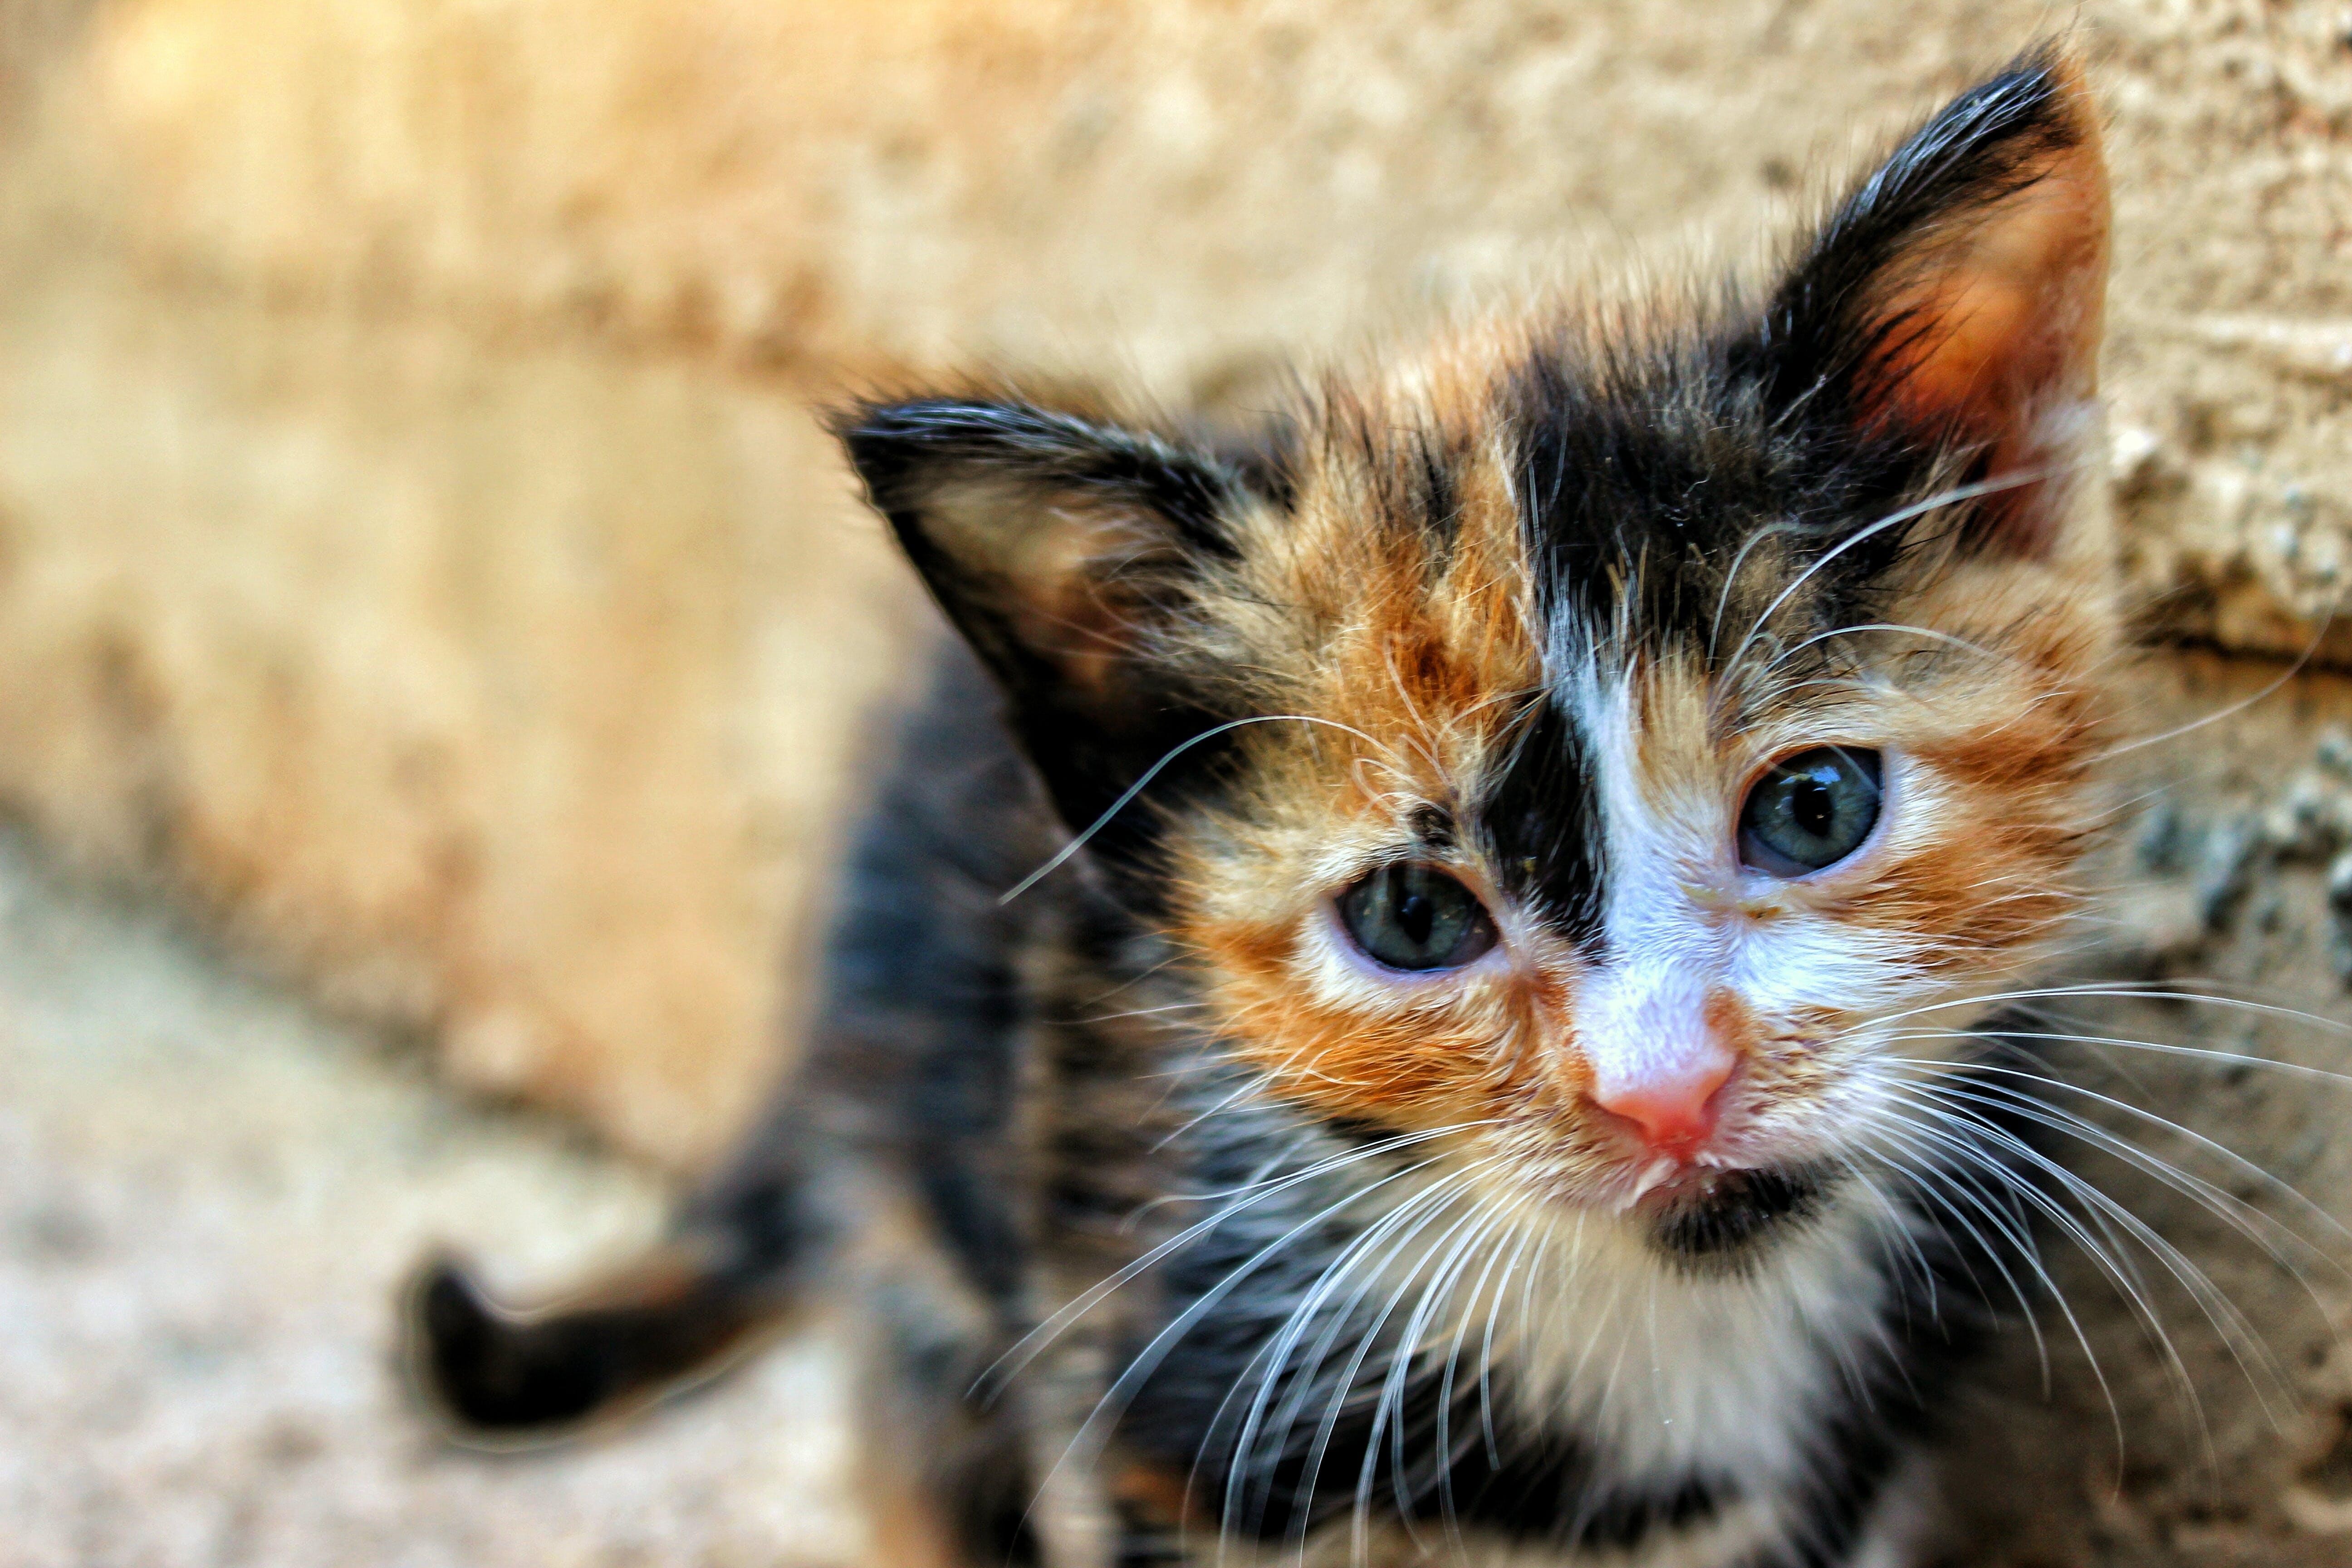 動物, 寵物, 小貓, 貓 的 免费素材照片